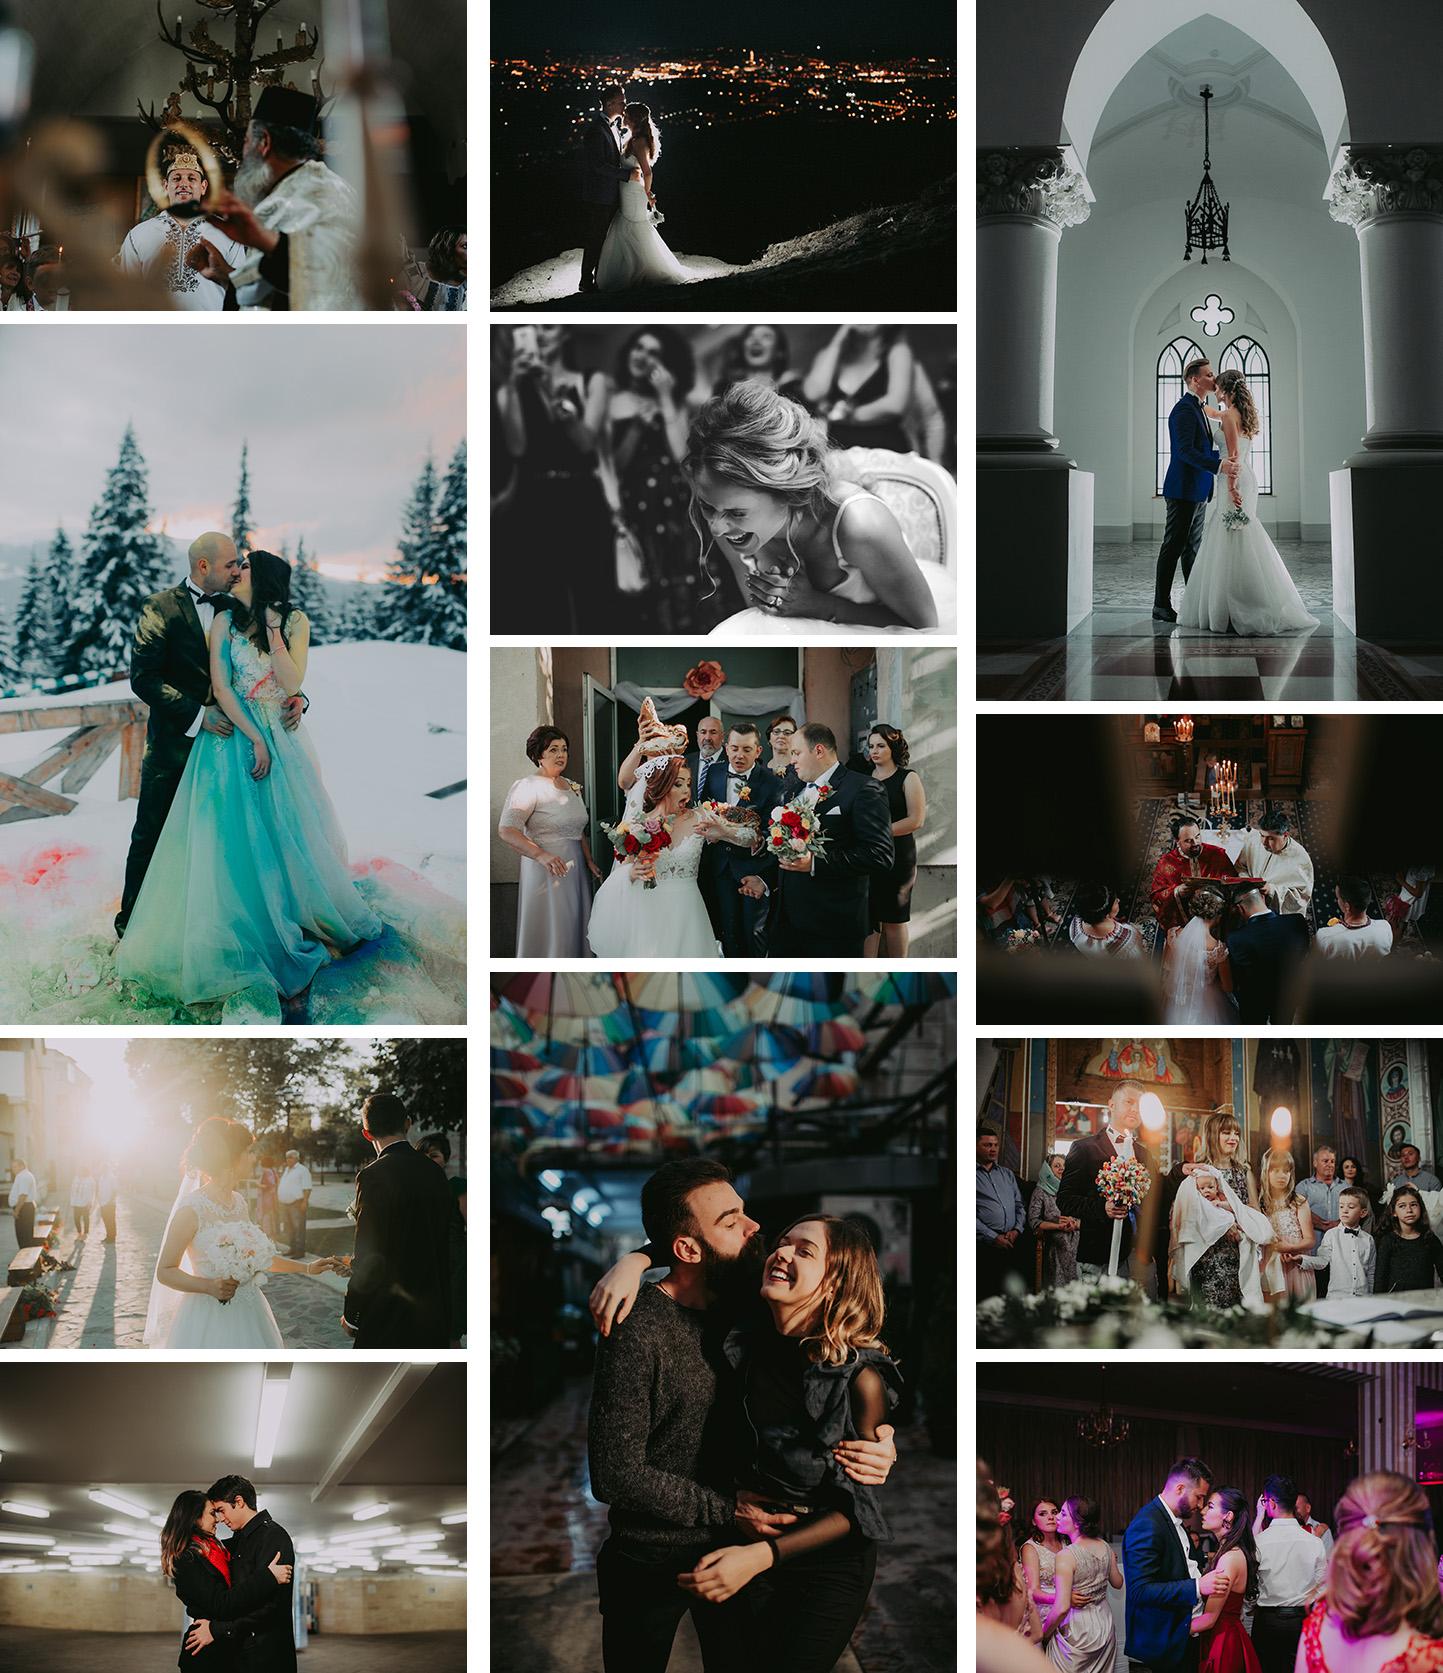 Dan Filipciuc, Cristina Bejan | Fotografi de eveniment si nunta. Iasi. Suceava | youngcreative.info